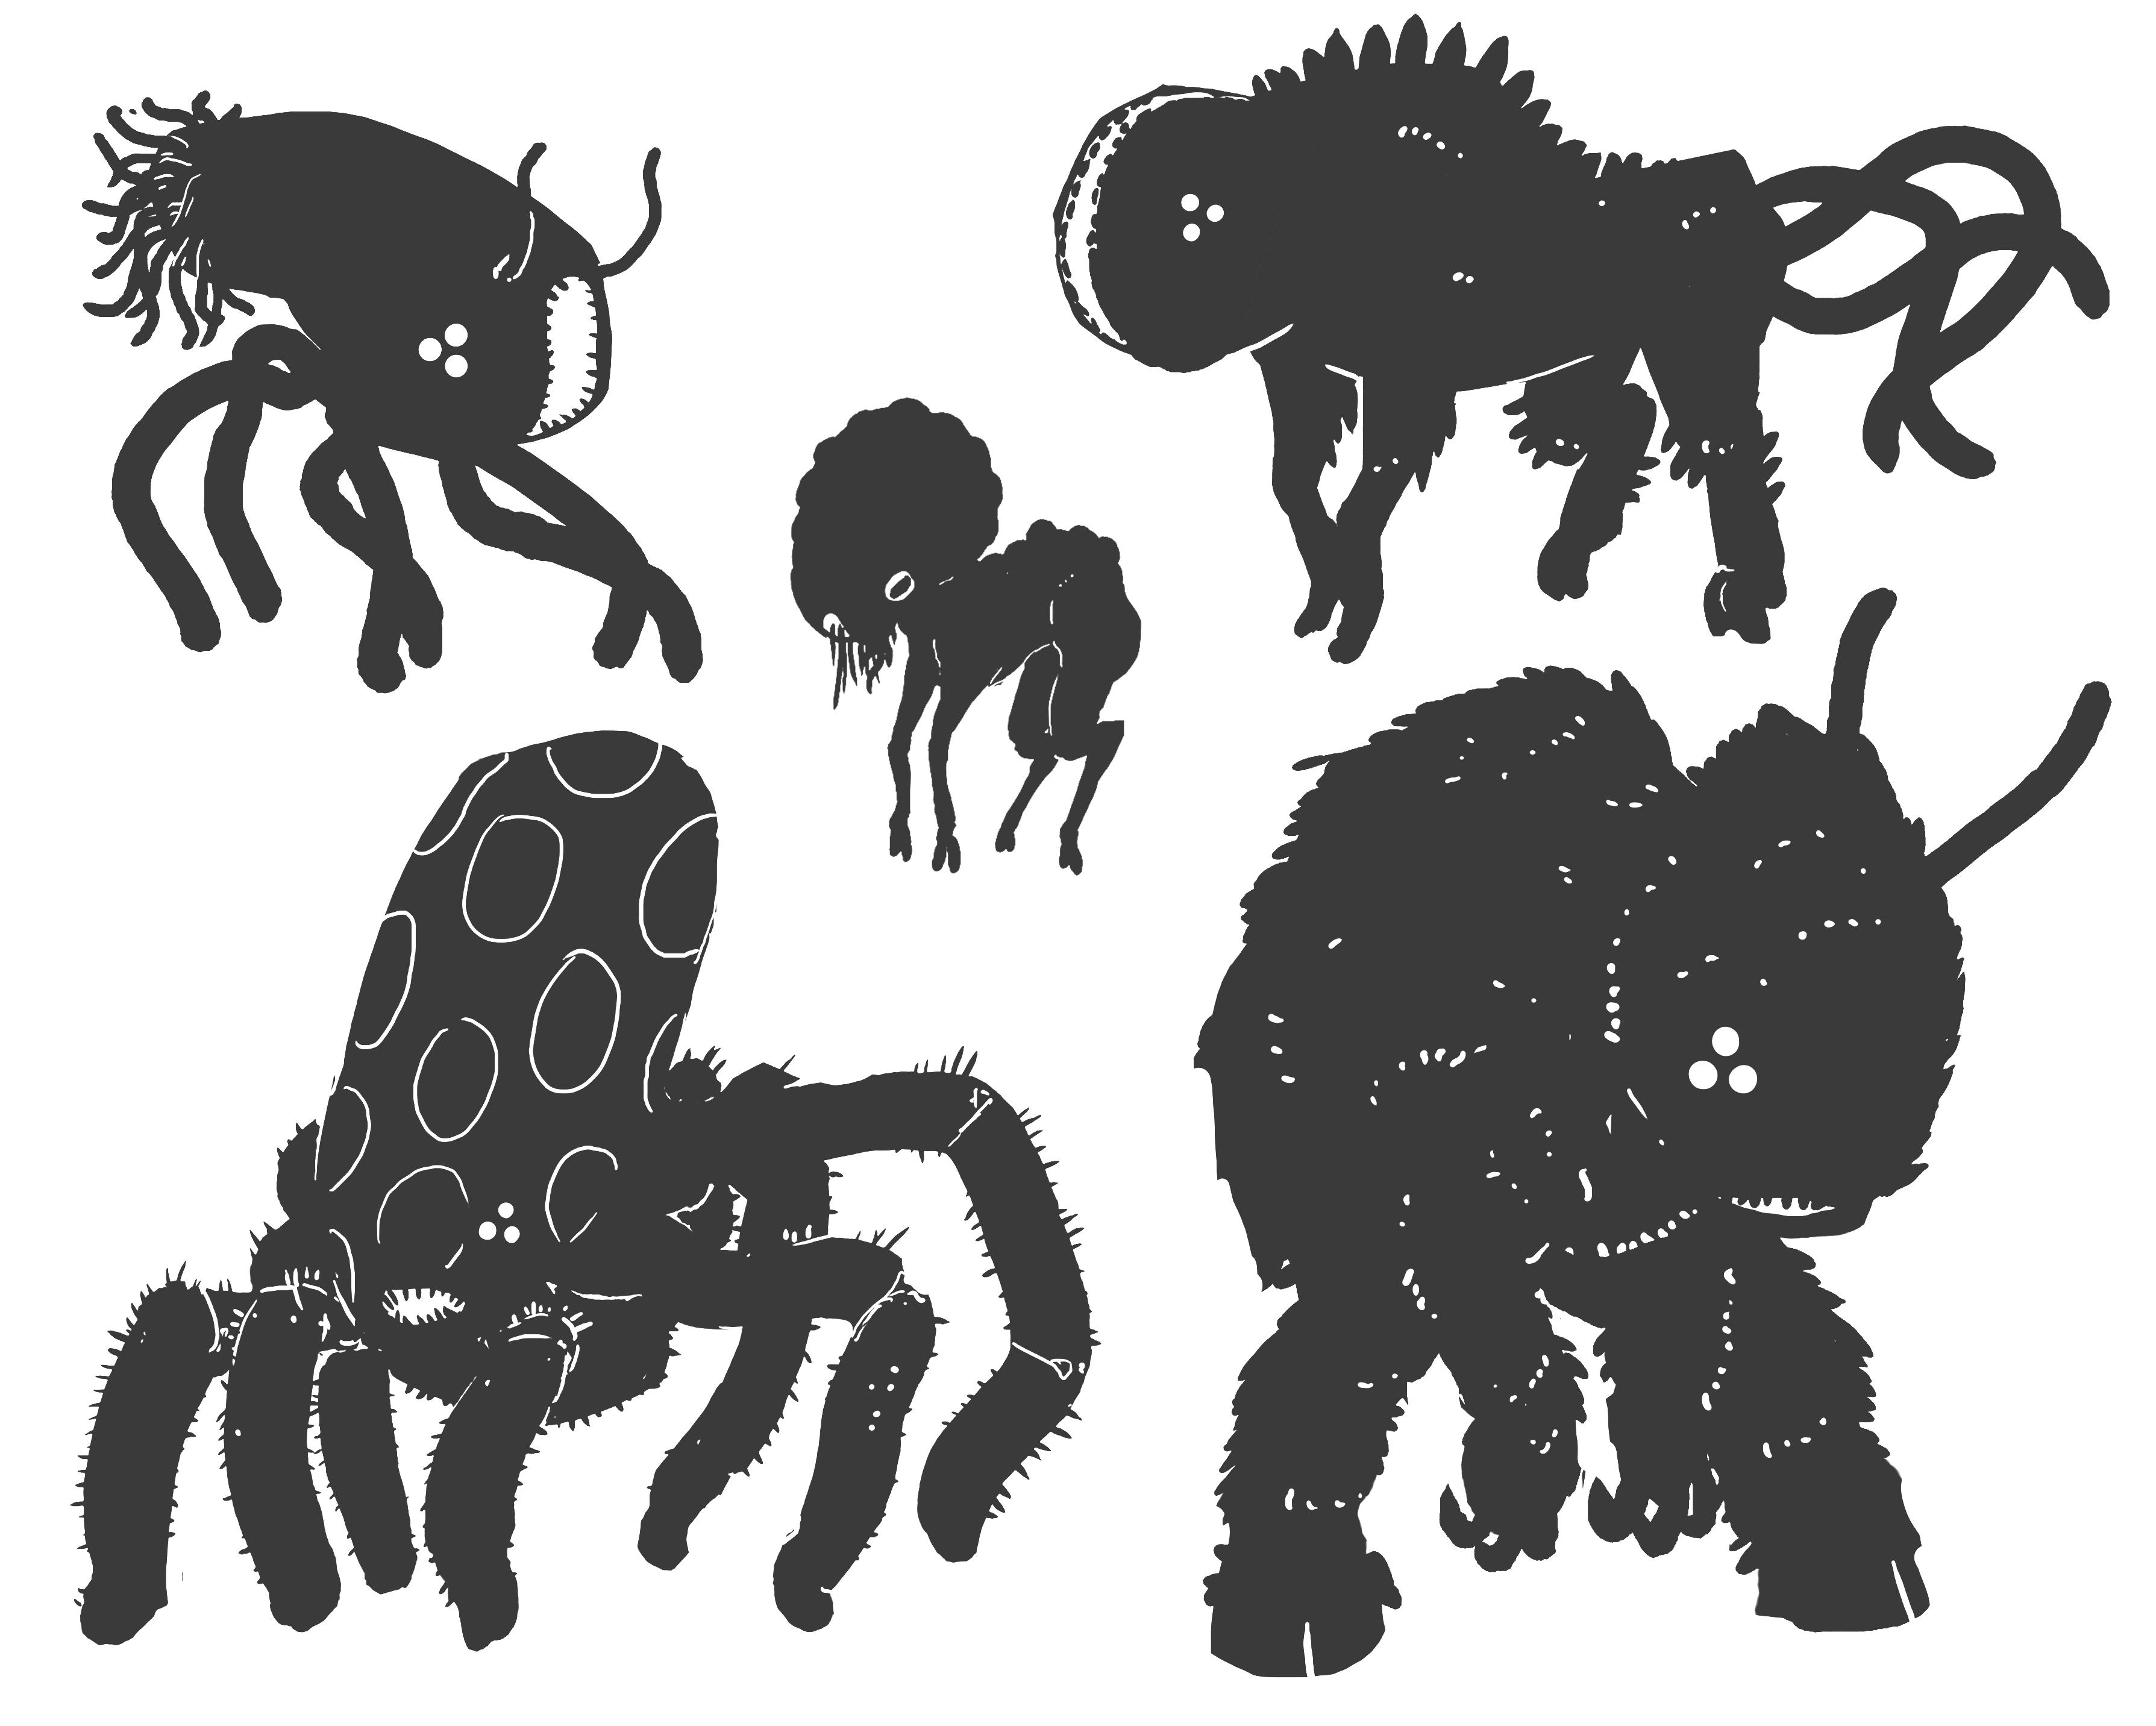 Spooky_Creatures_1